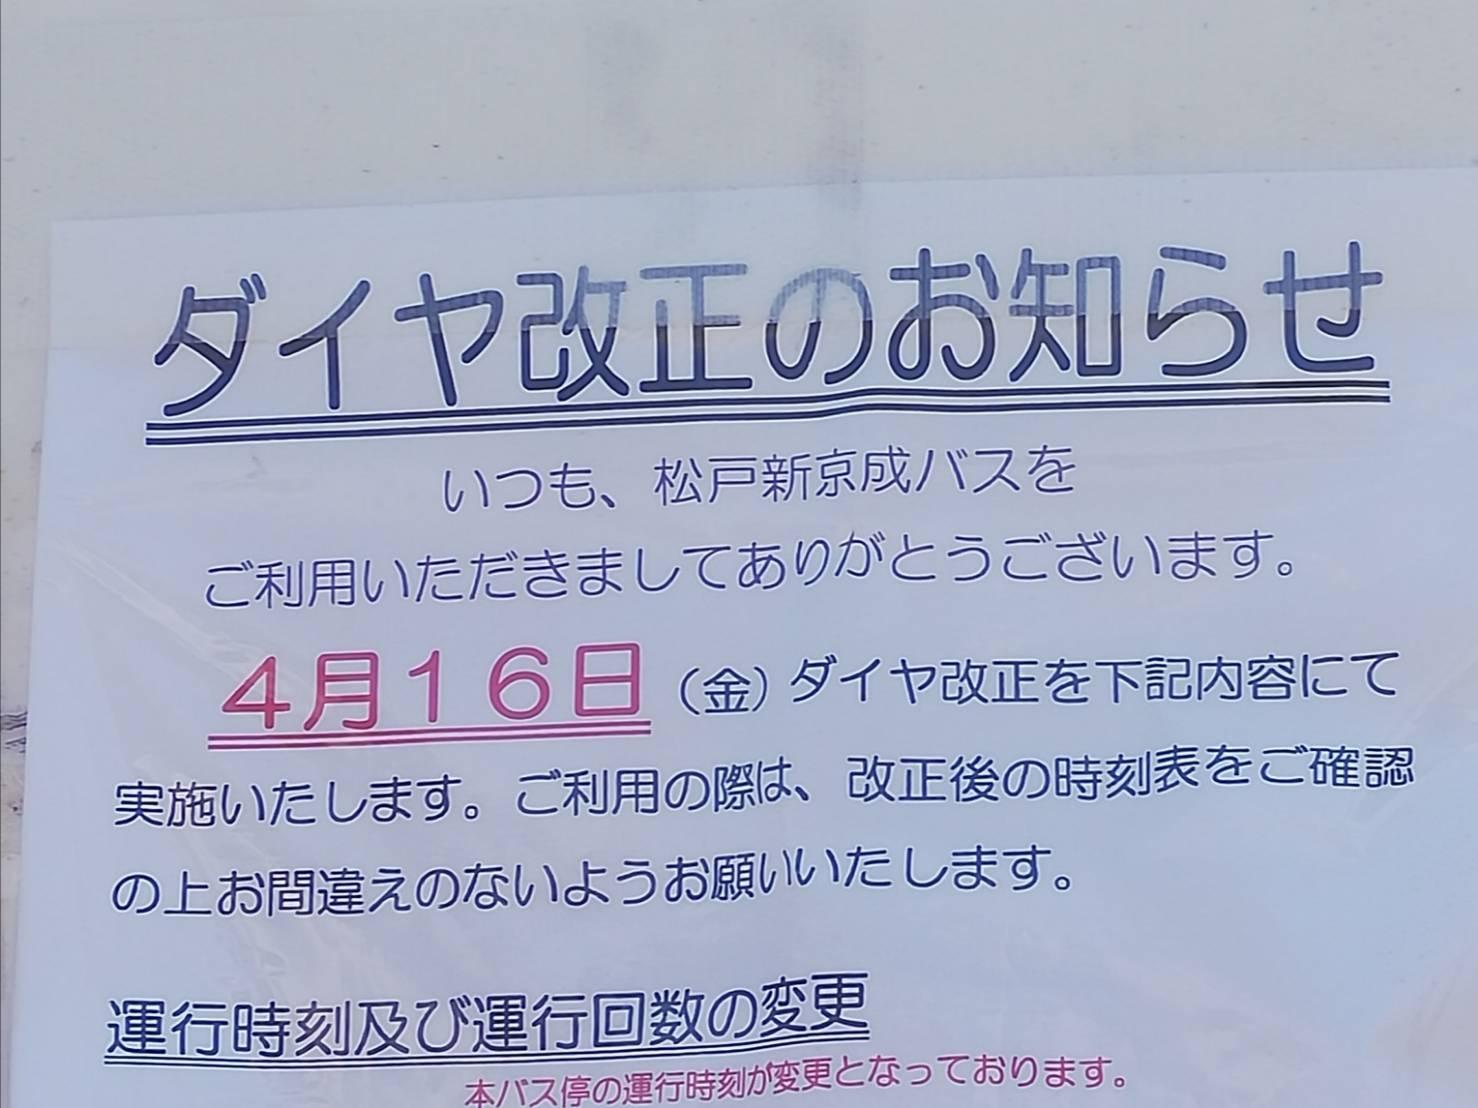 松戸新京成バスダイヤ改正三矢小台線馬橋線松飛台線